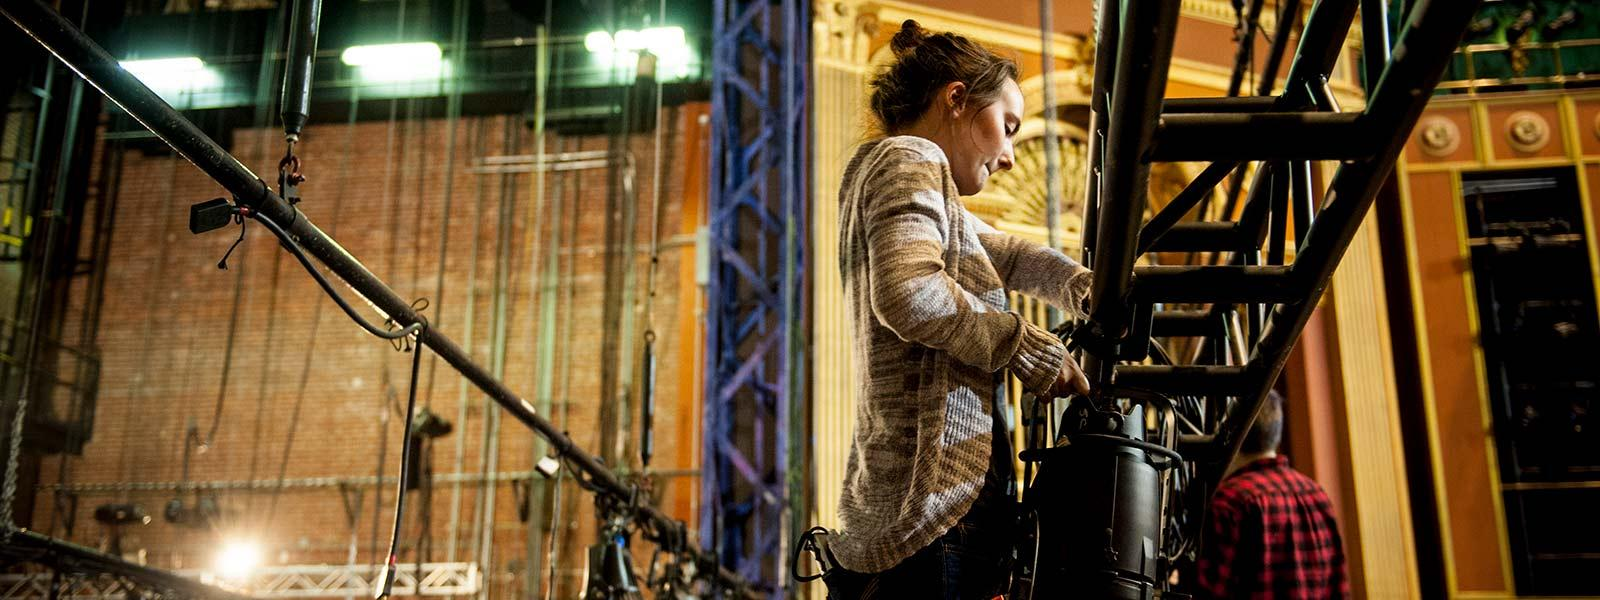 Stevens Center backstage